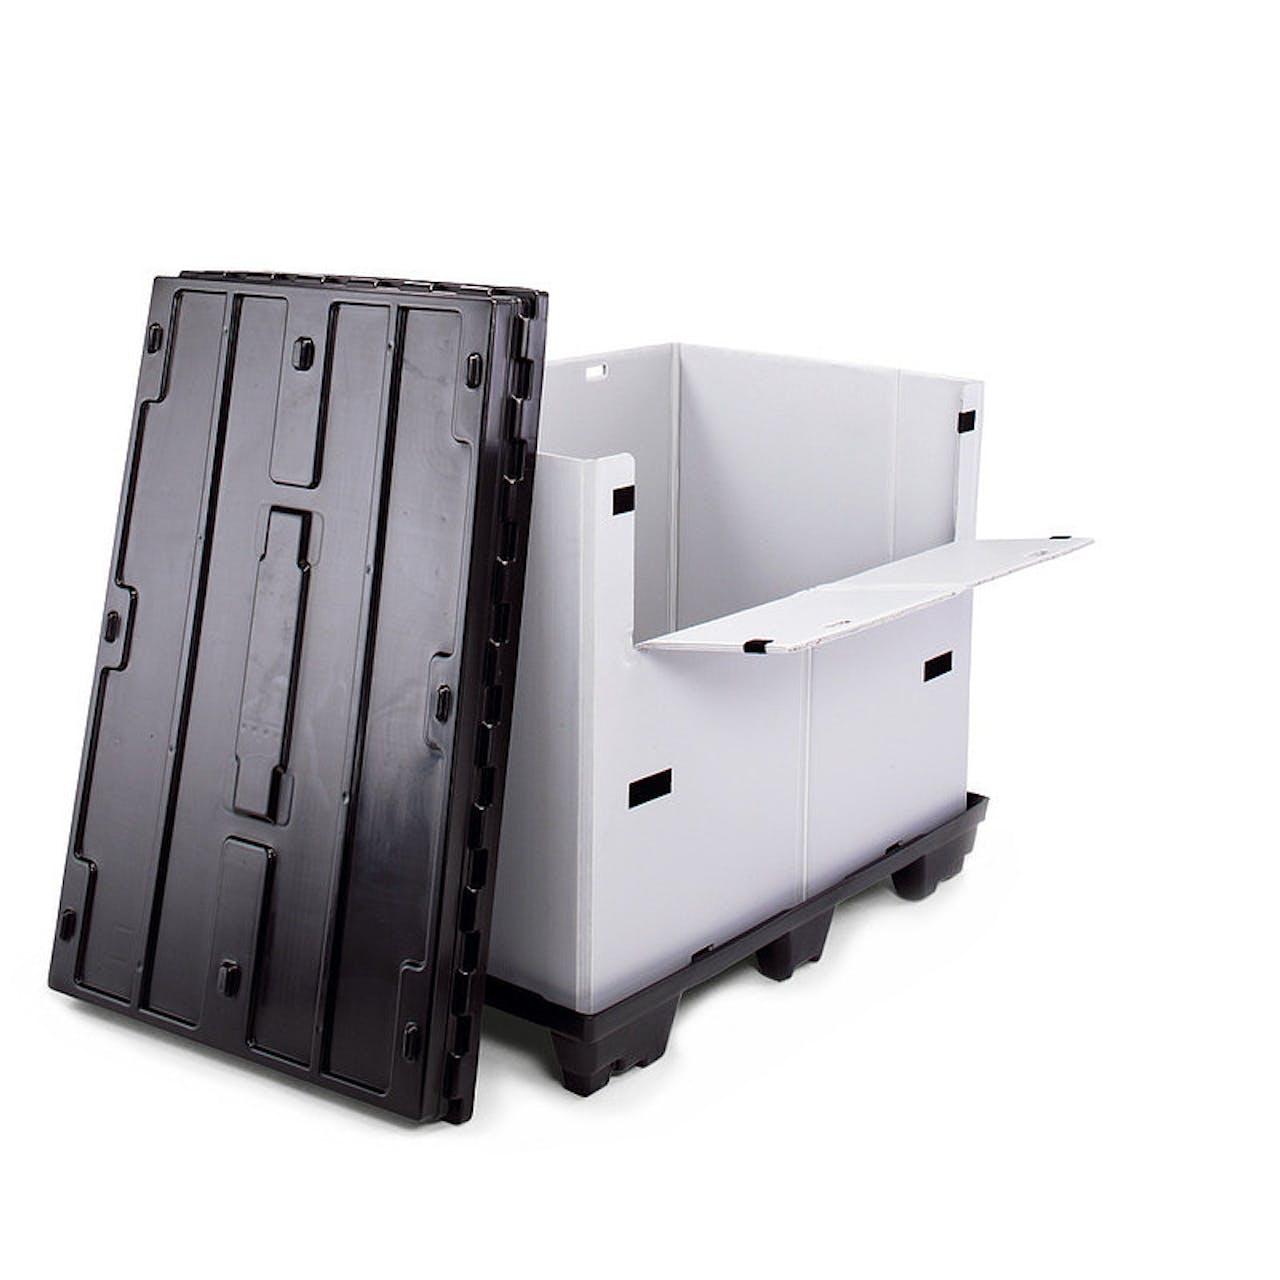 Kunststoff-Faltbox, Innenmaße L x B x H 1130 x 730 x 763 mm, 20 kg Gewicht